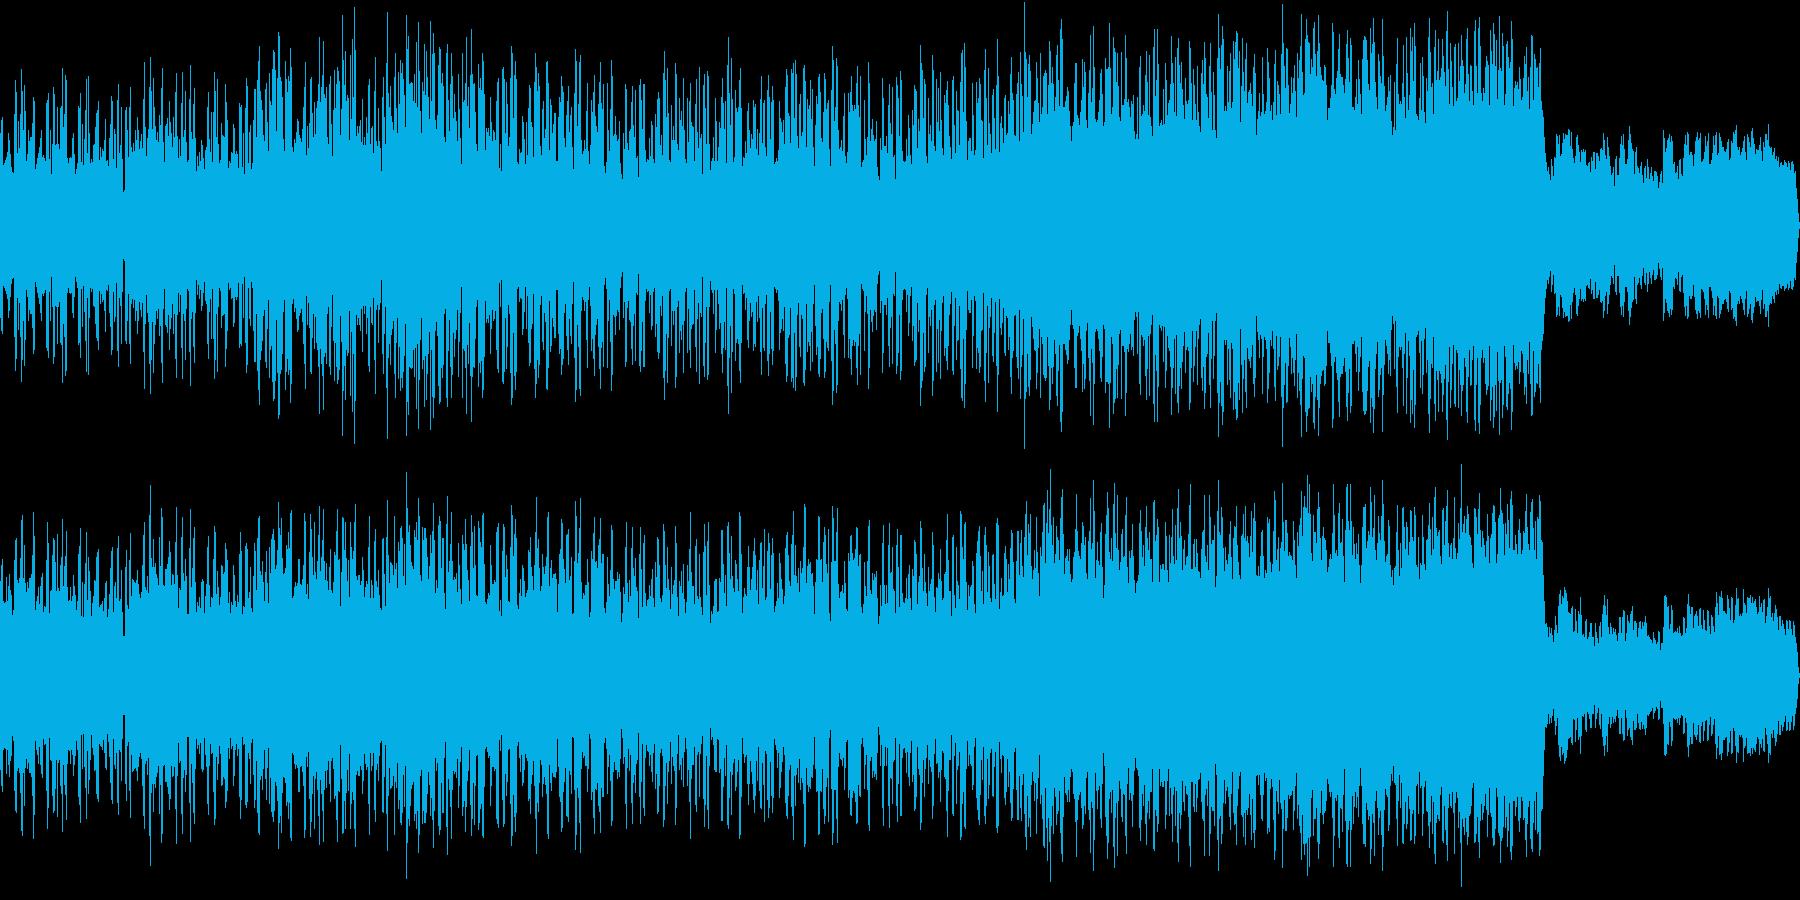 「和風」「秋」のイメージで作成した音楽…の再生済みの波形